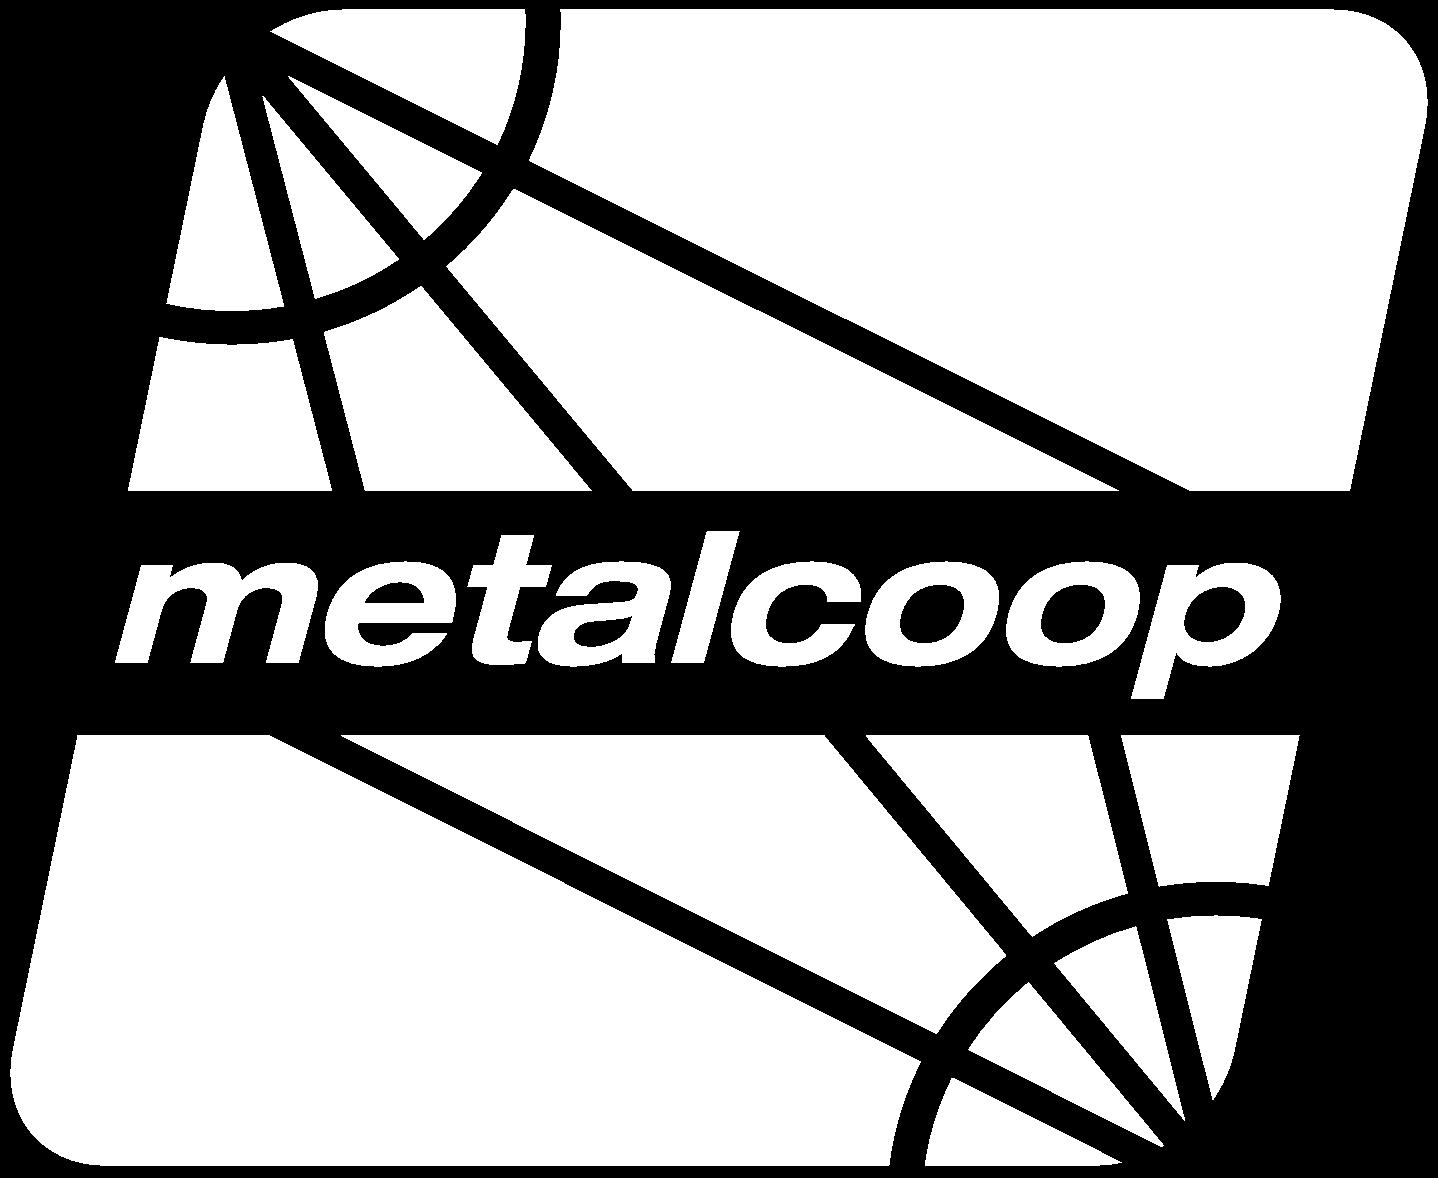 MetalCoop